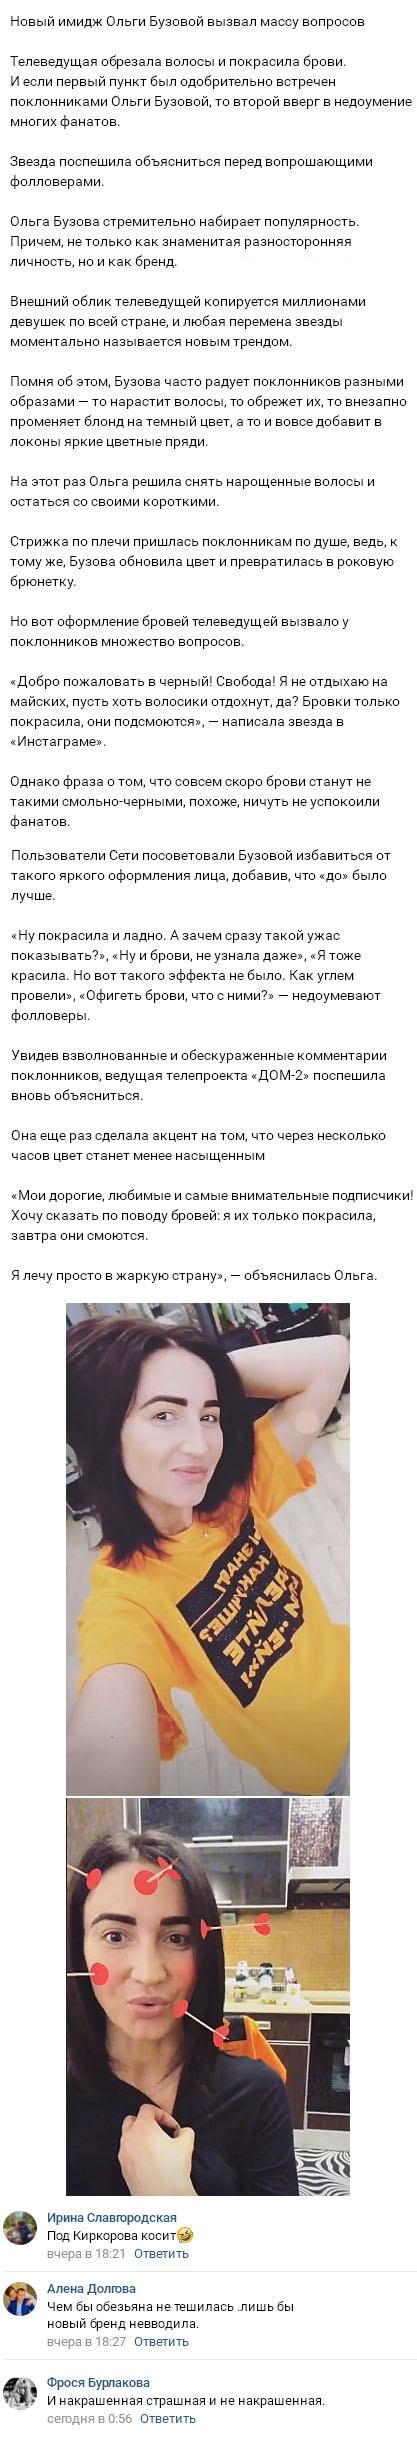 Ольге Бузовой начала оправдываться за новую внешность